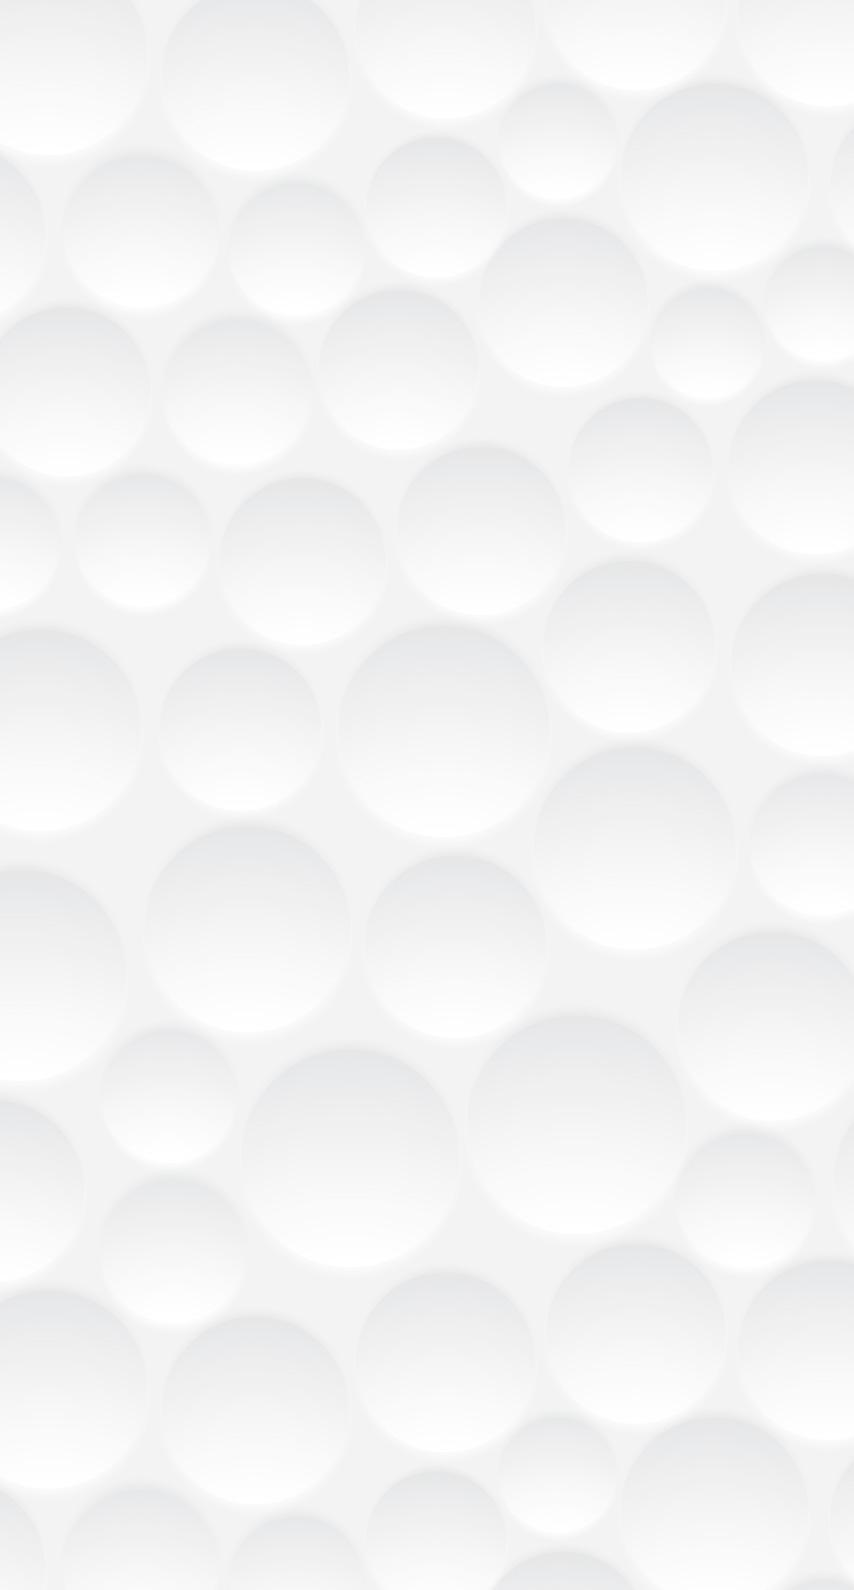 texture, bubbles